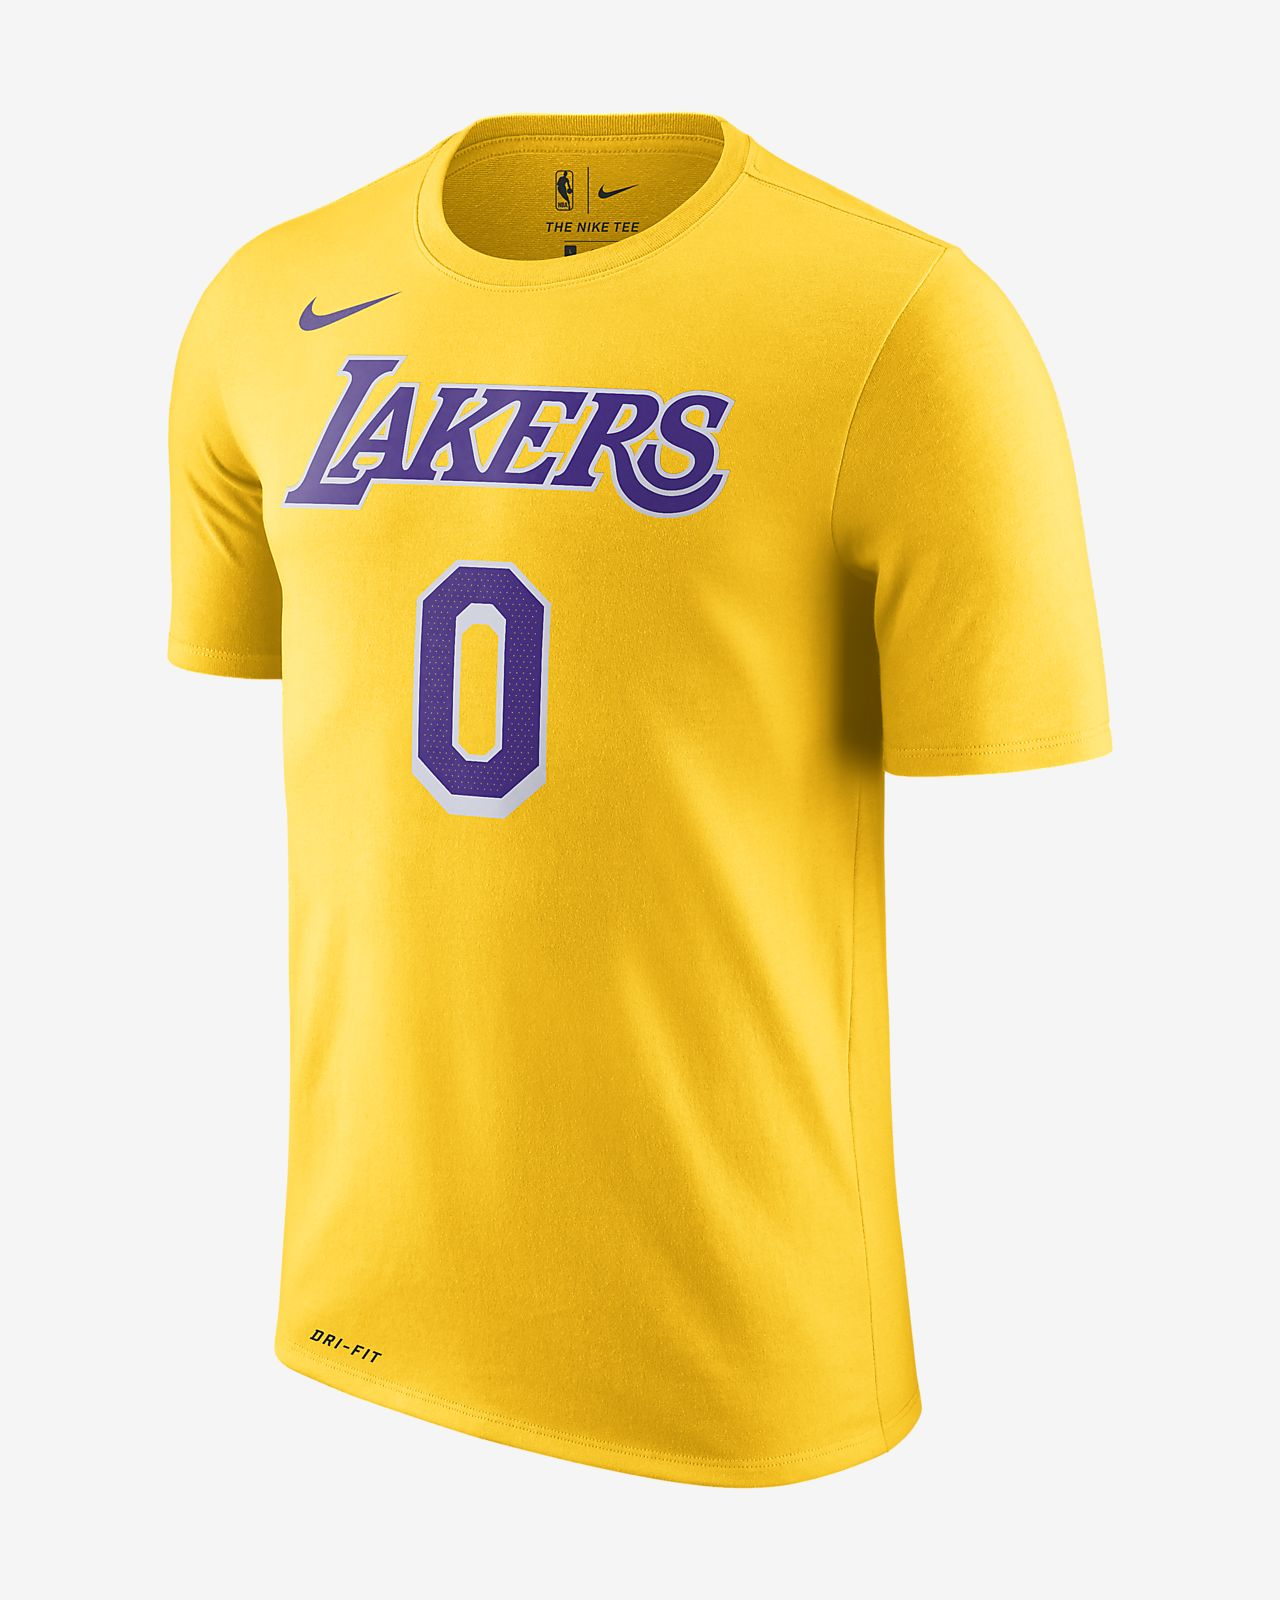 洛杉矶湖人队 Nike Dri-FIT 男子 NBA T恤